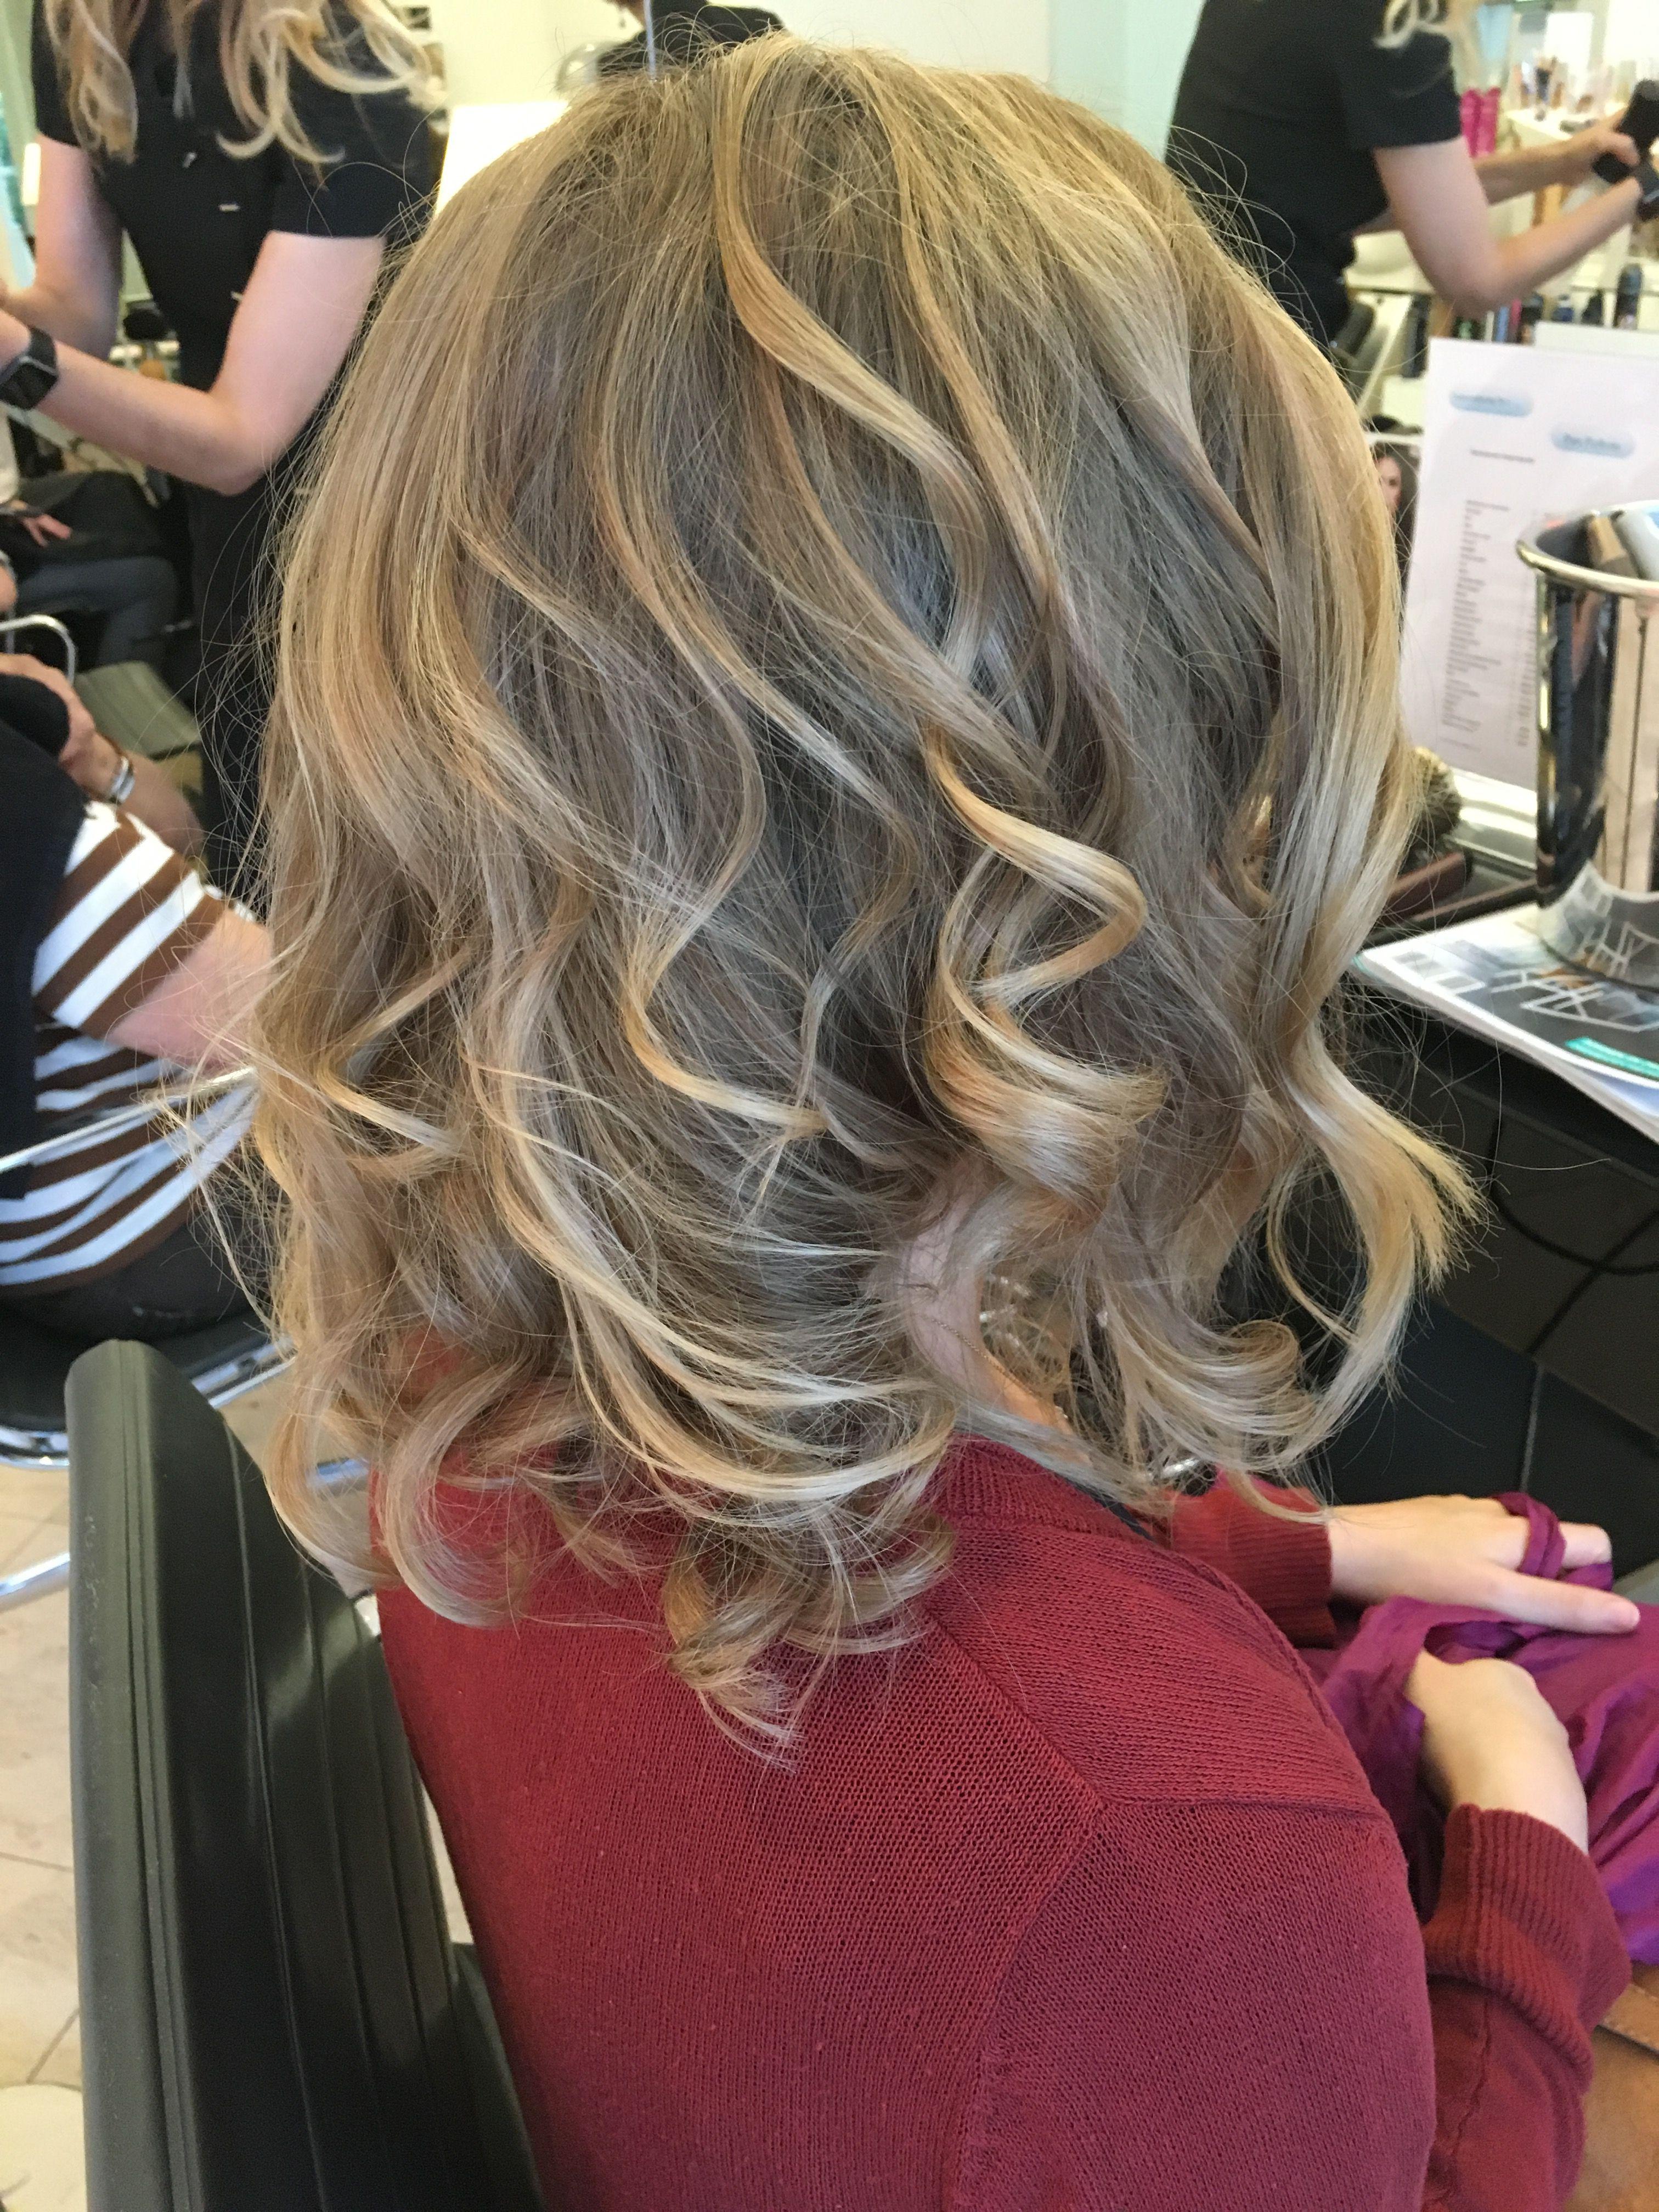 krullen, blond haar, highlights, waves | Kapsels Salon ...